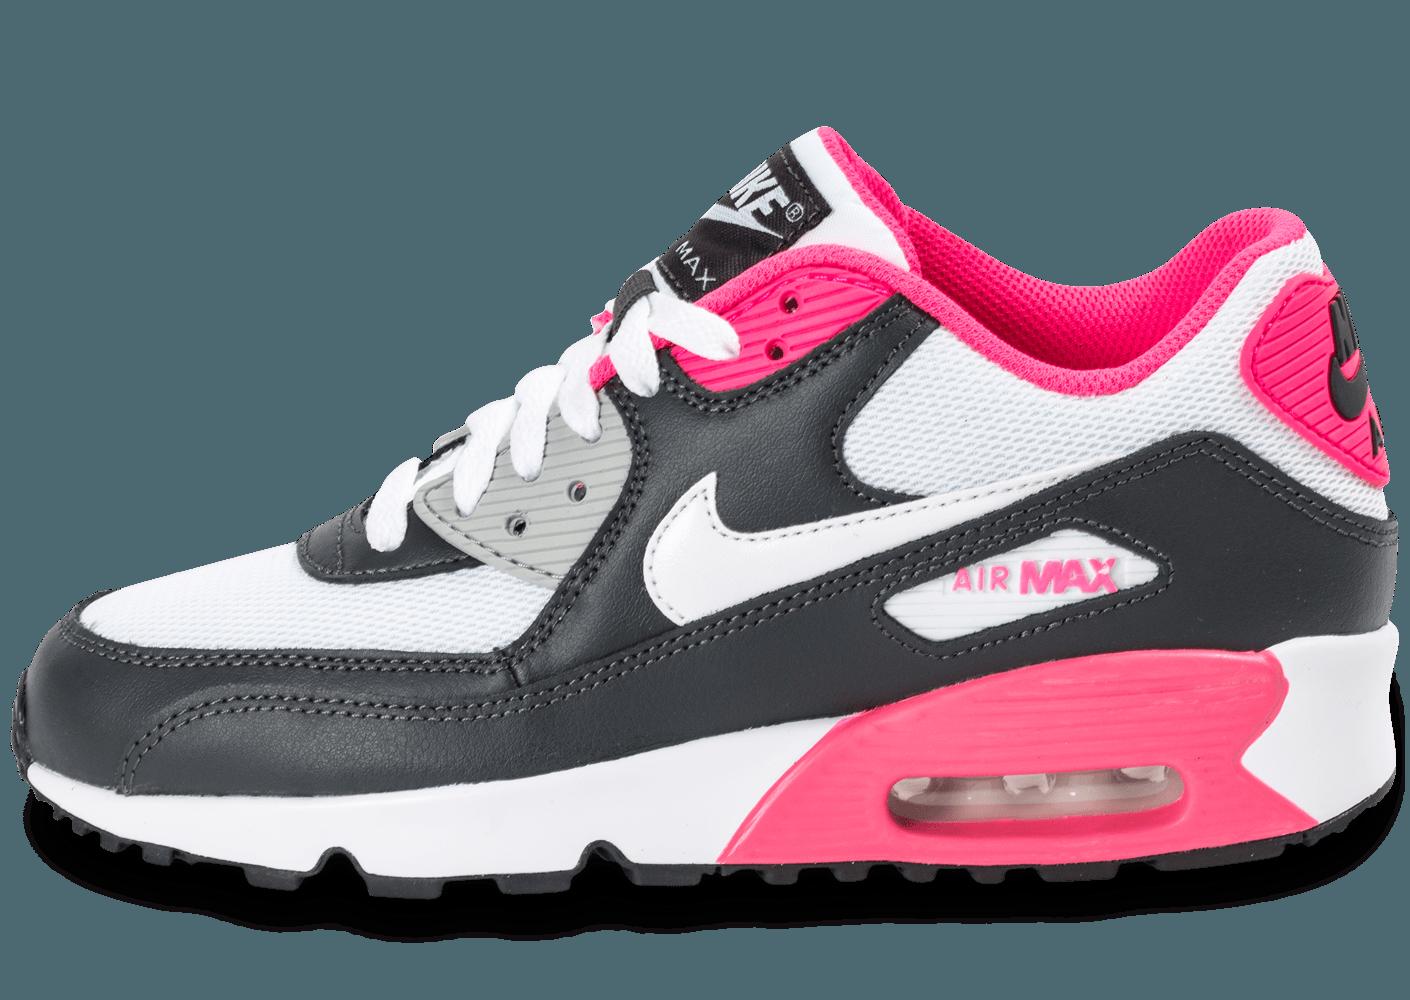 newest collection ca281 67aae Prix de gros air max 90 rose et gris France vente en ligne, toutes les  gammes de chaussures Nike pour hommes et femmes outlet pas cher.